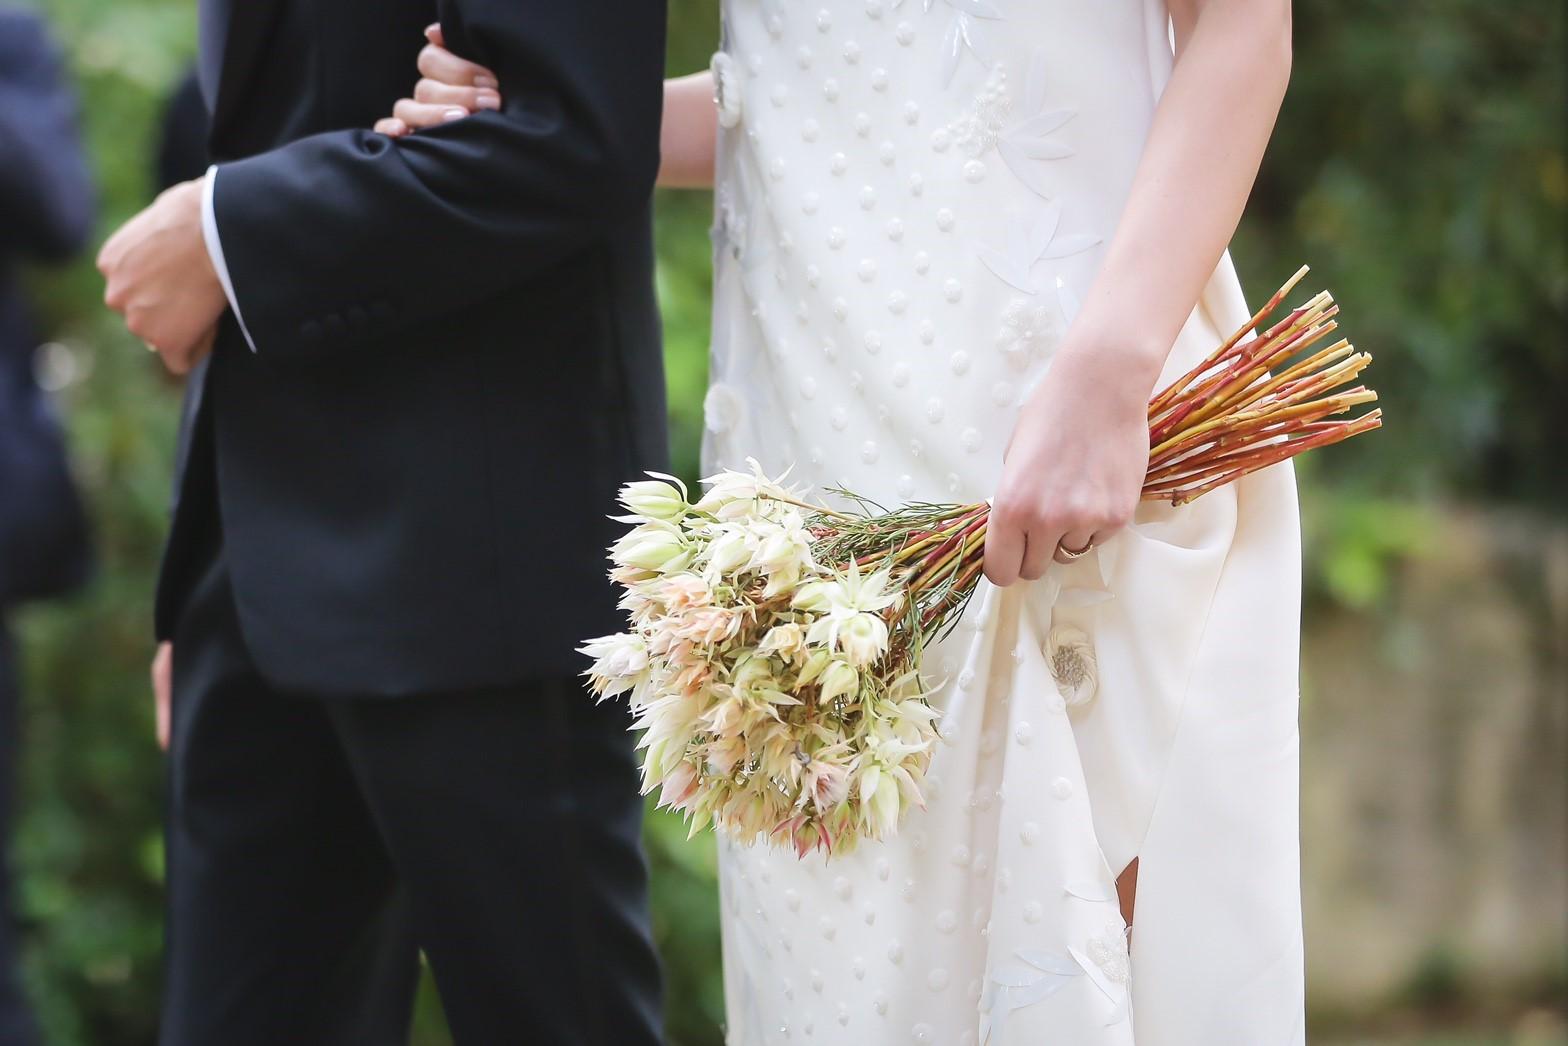 デルポソの白いベアトップで刺繍が施されたウェディングドレスを着ている花嫁と新郎。